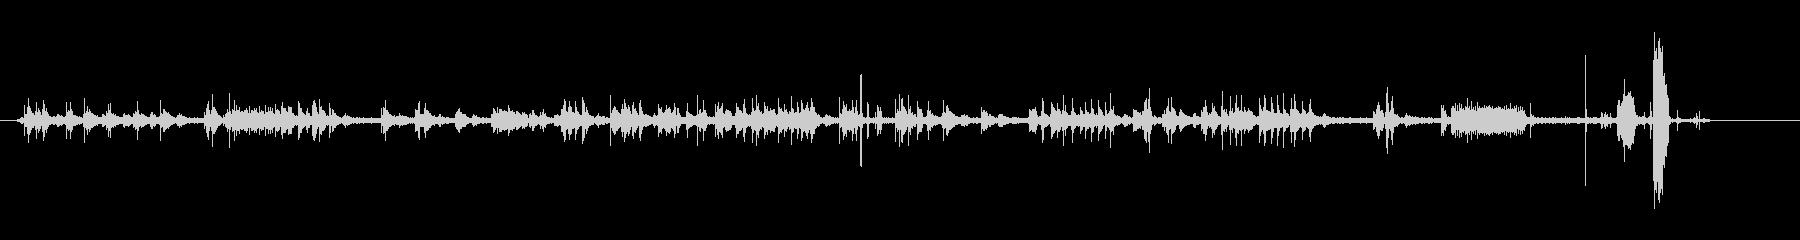 テレックス-ライティング-オフィスの未再生の波形